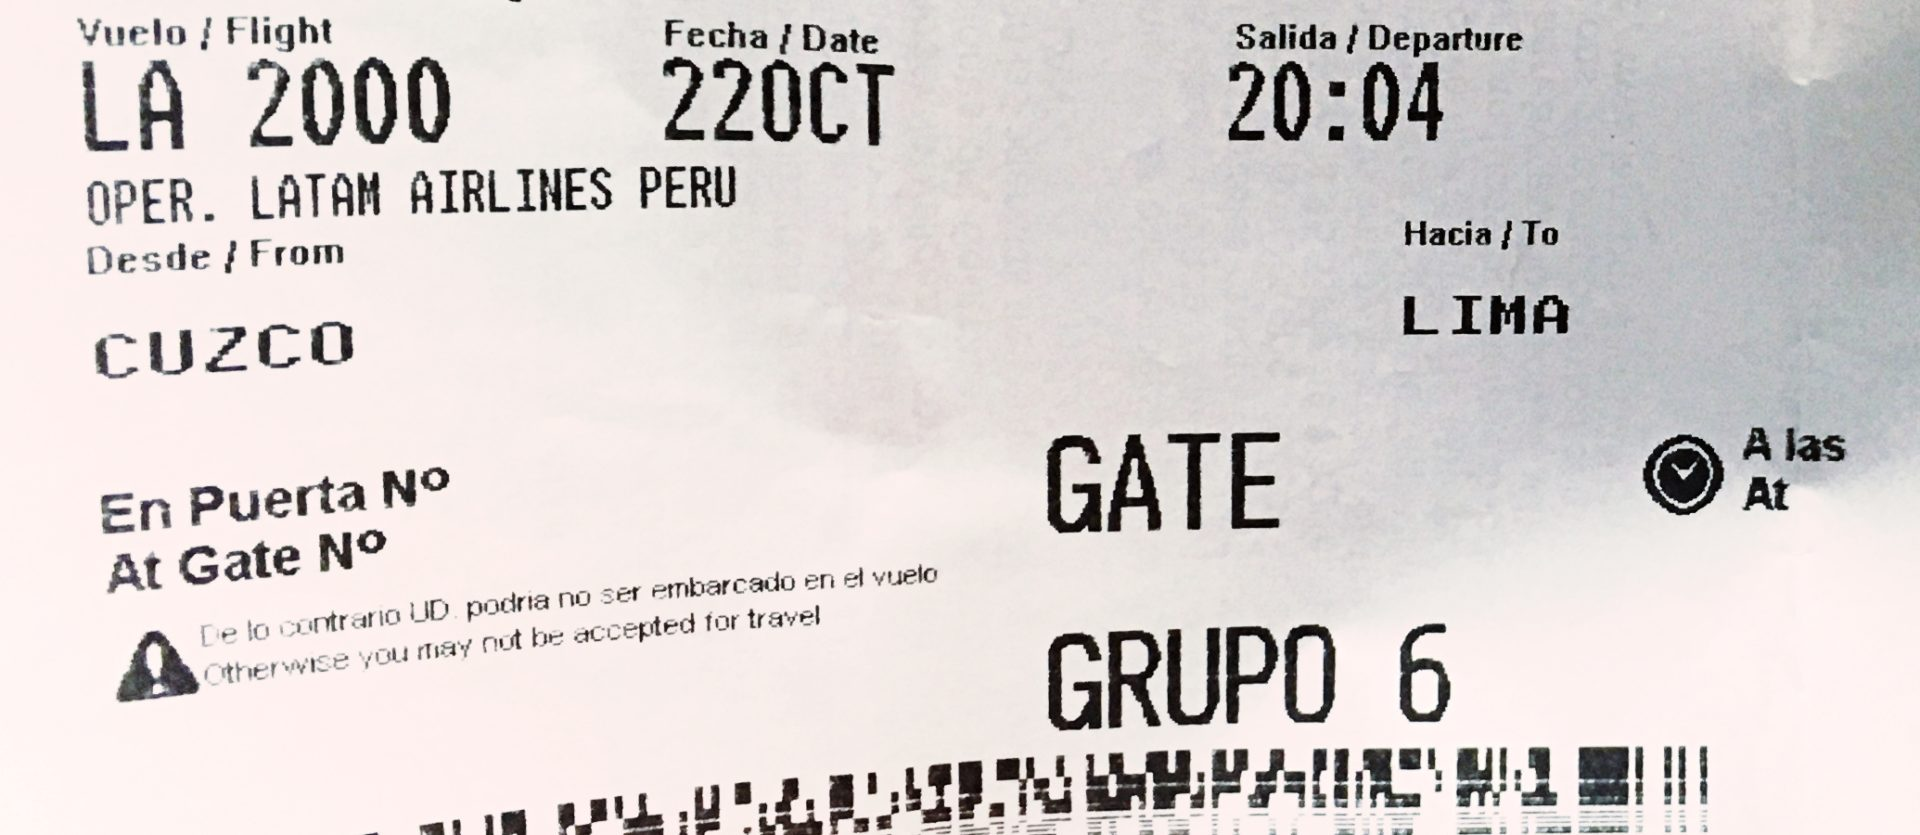 ペルー, クスコ, リマ, アメリカ, ニューヨーク, 日本, 東京, 成田, 一時帰国, 空港, 海外, 旅行